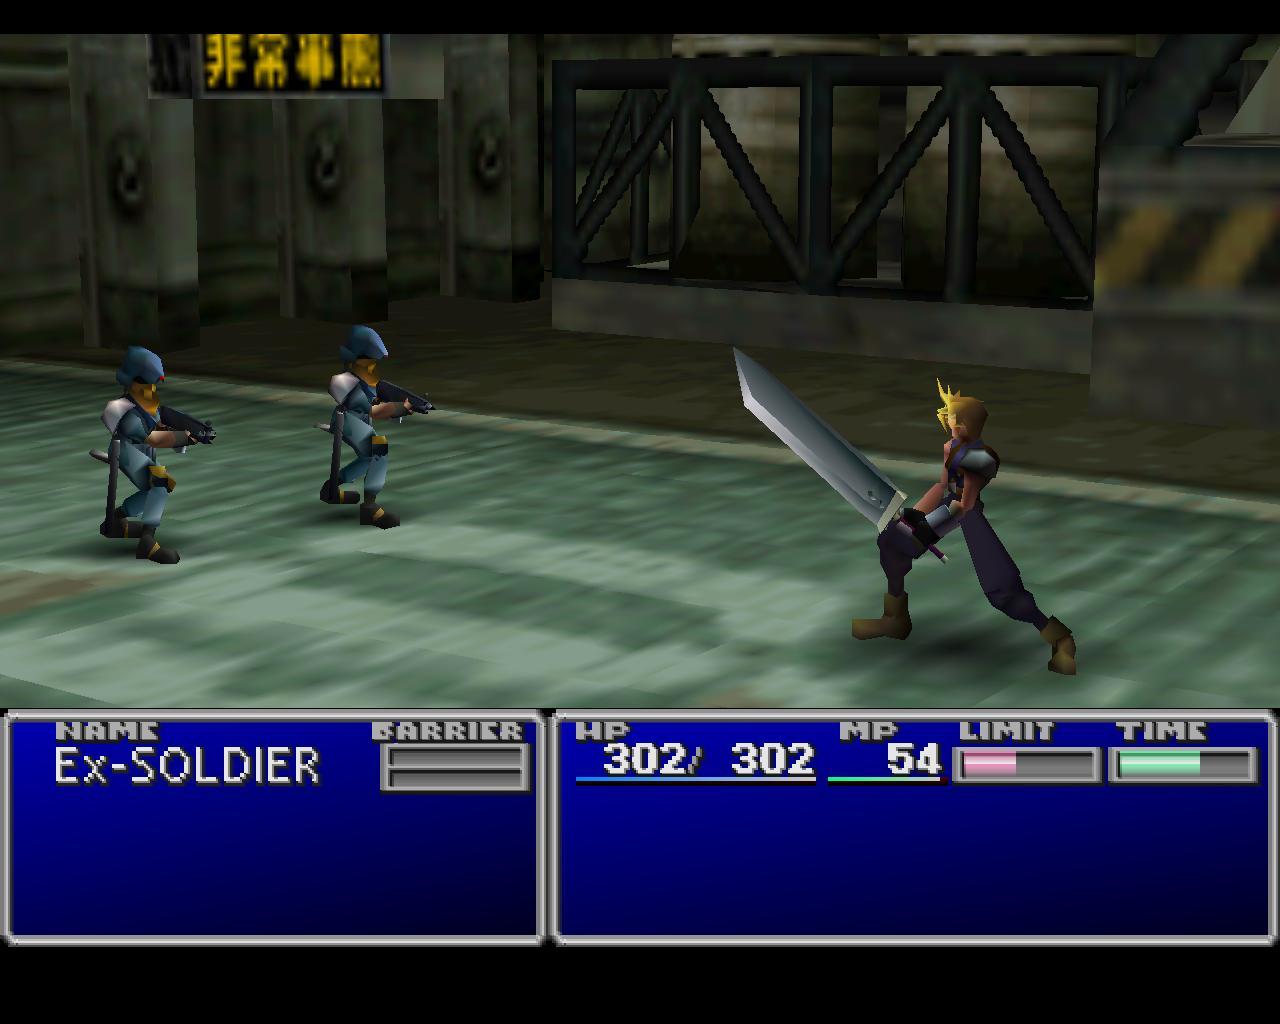 Уже сейчас, без тени сомнений, мы можем констатировать простой факт - crisis core: final fantasy vii является самой красивой игрой на psp, а значит и почти 10 лет назад